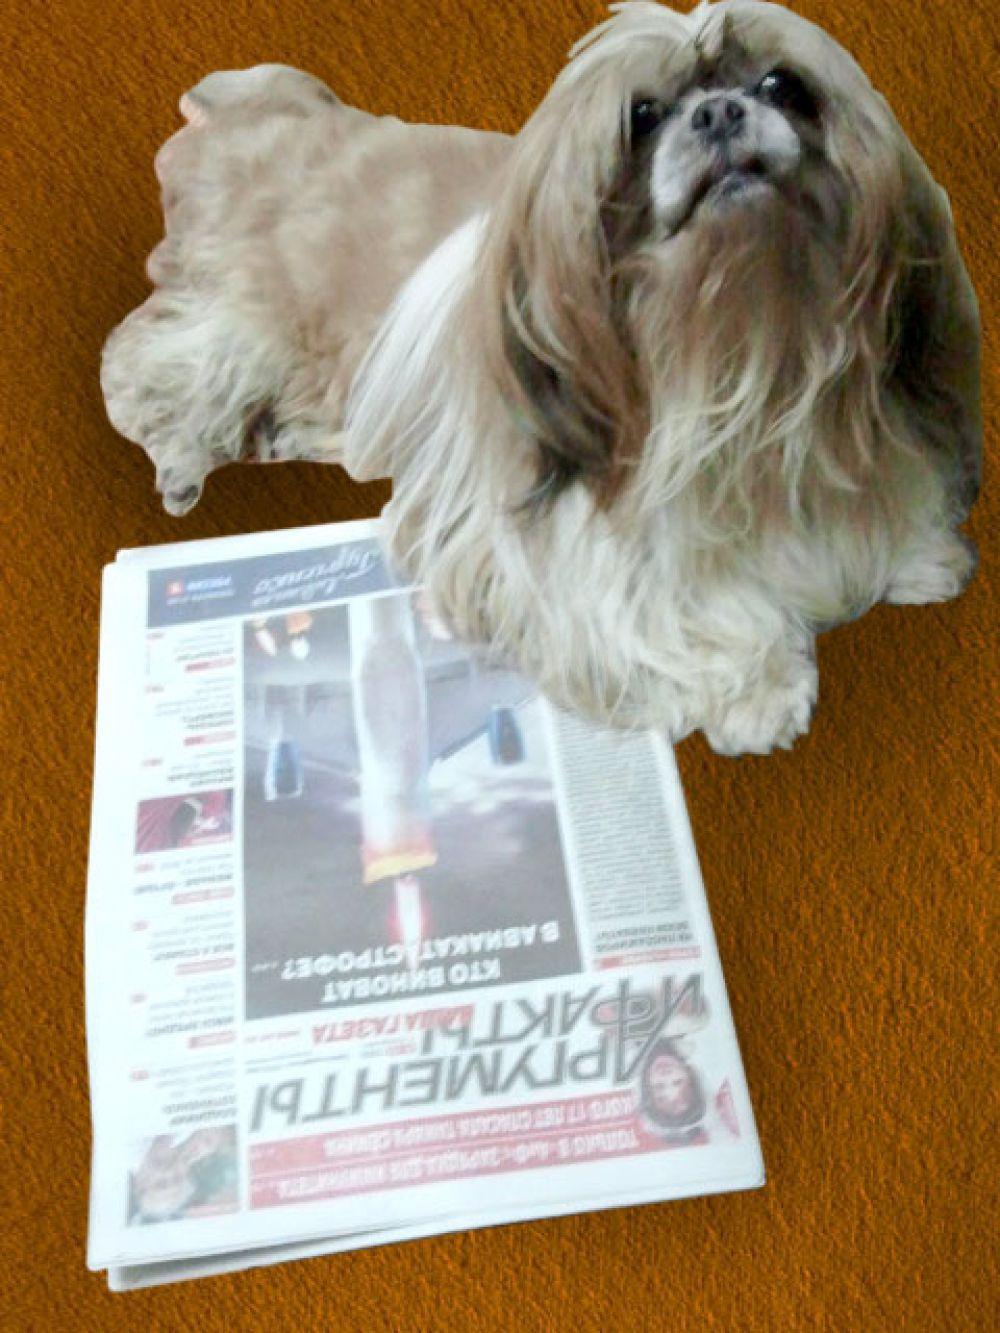 Участник №14. Марс, ши-тцу, 6 лет. Осенними вечерами вместе с хозяйкой с удовольствием проводит время за чтением газеты «АиФ».